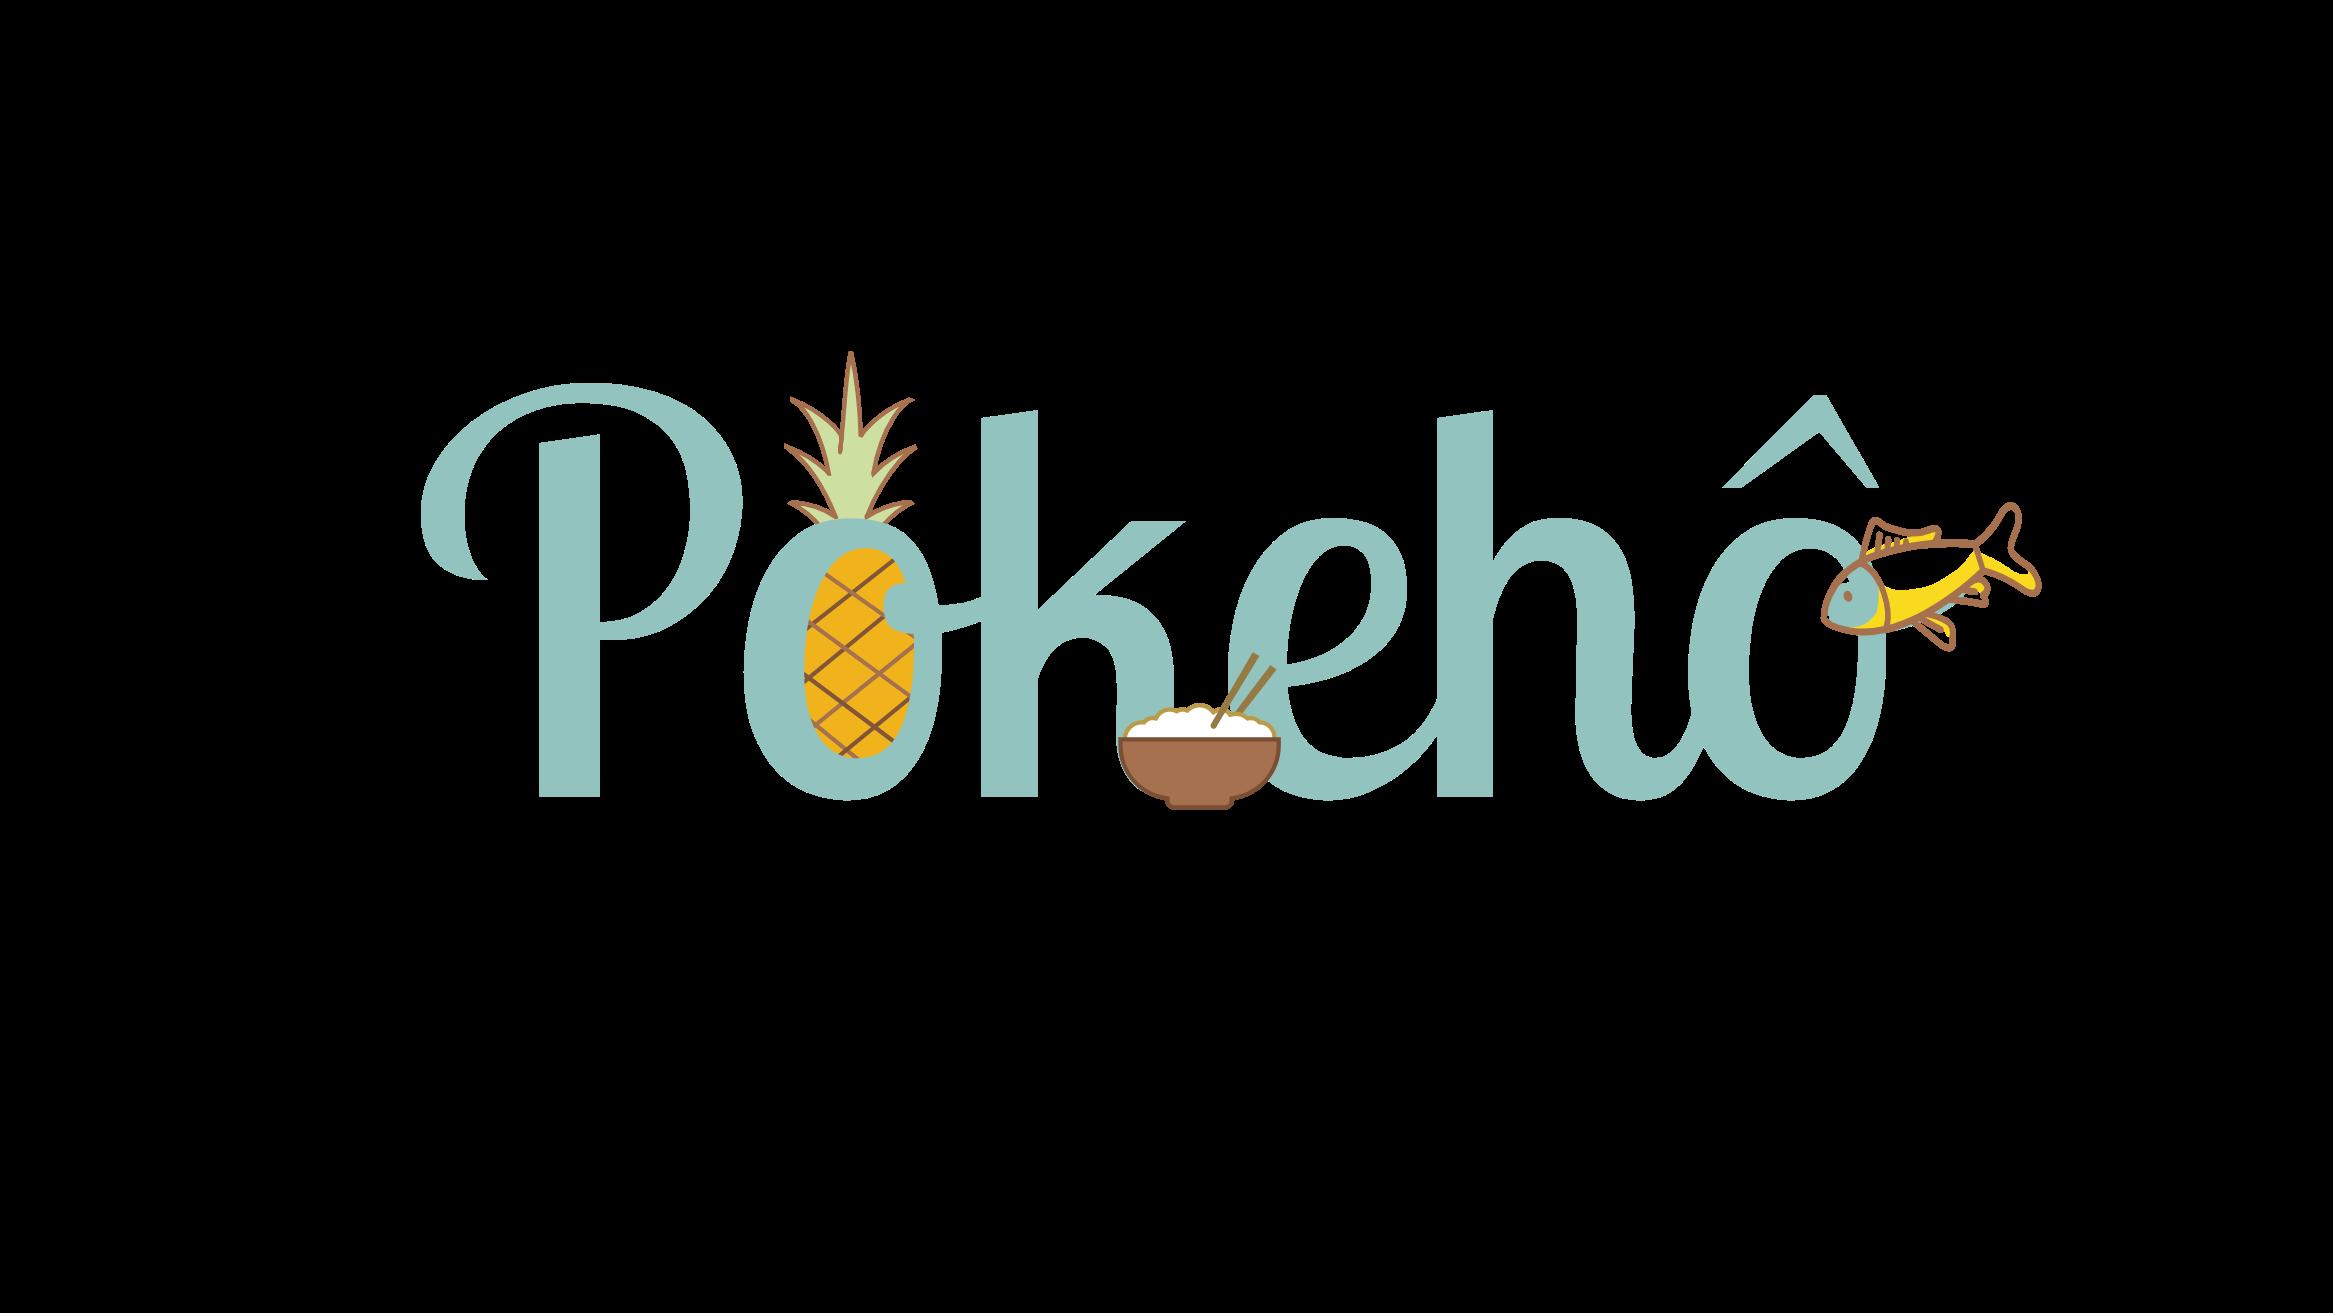 Proposition logo marque pokebowl 3